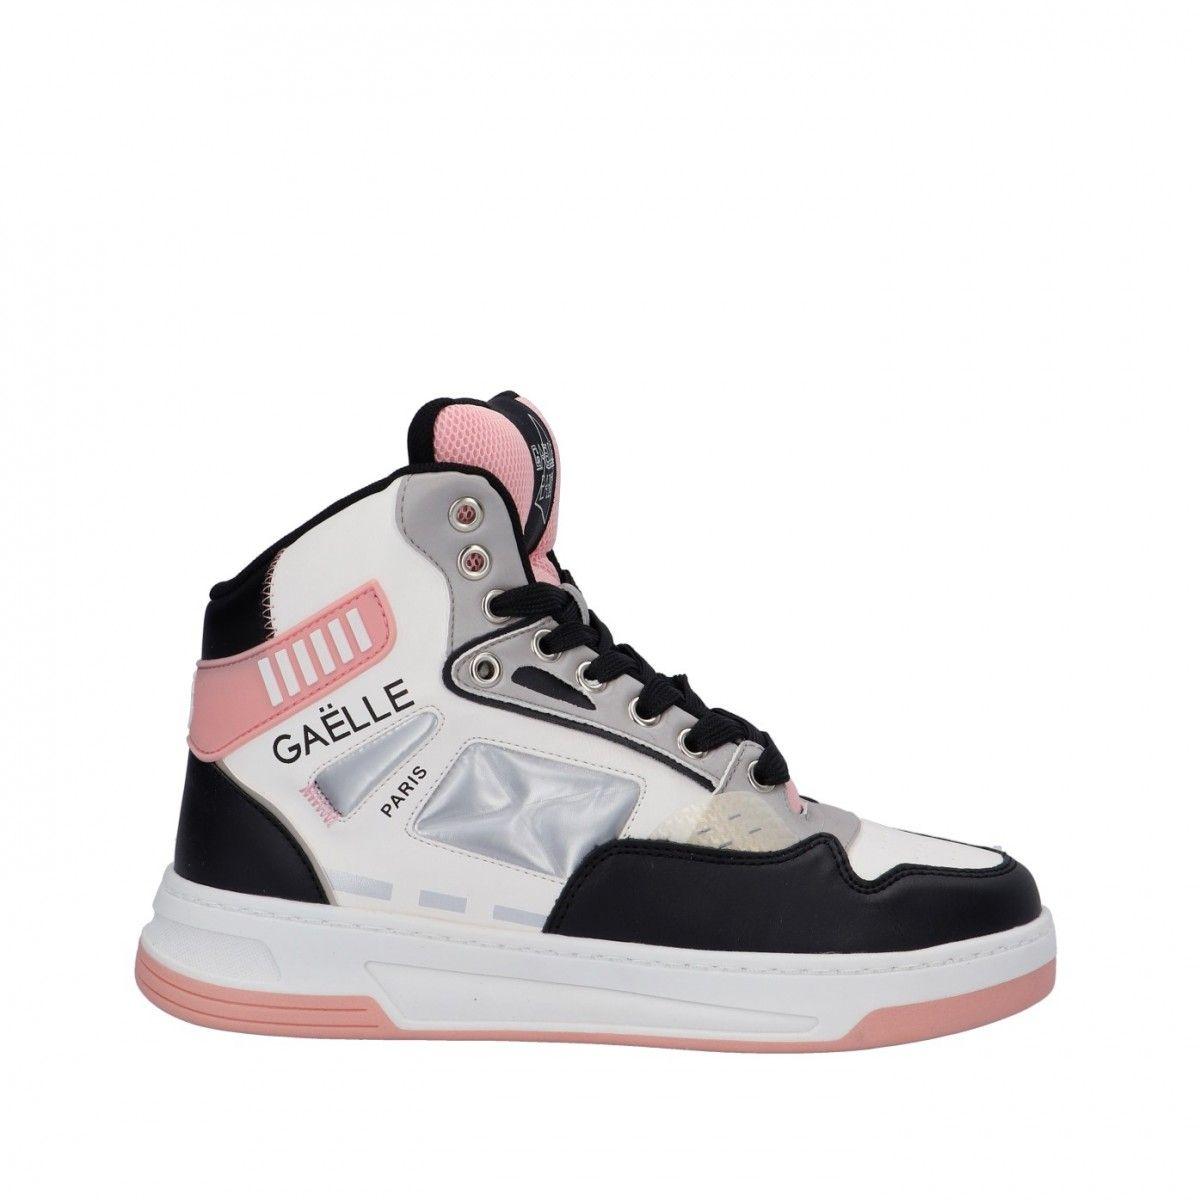 Gaelle Sneaker alta Rosa...